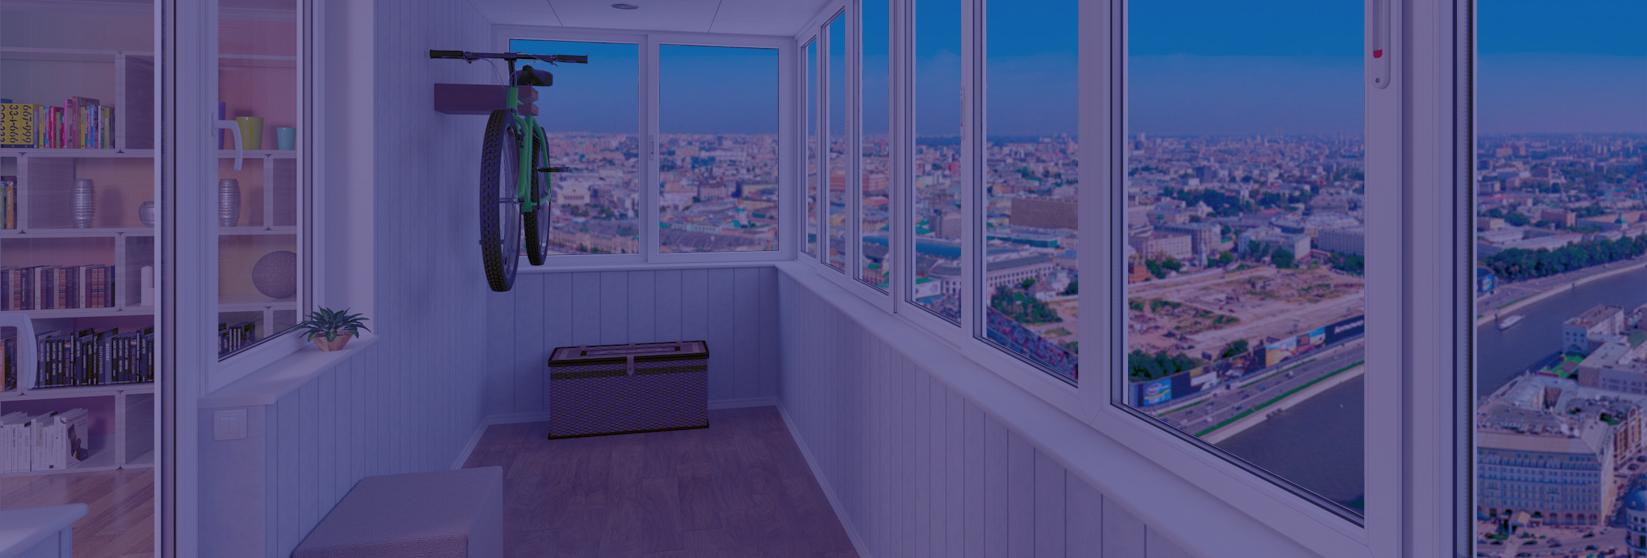 osteklenie-balkonov-2